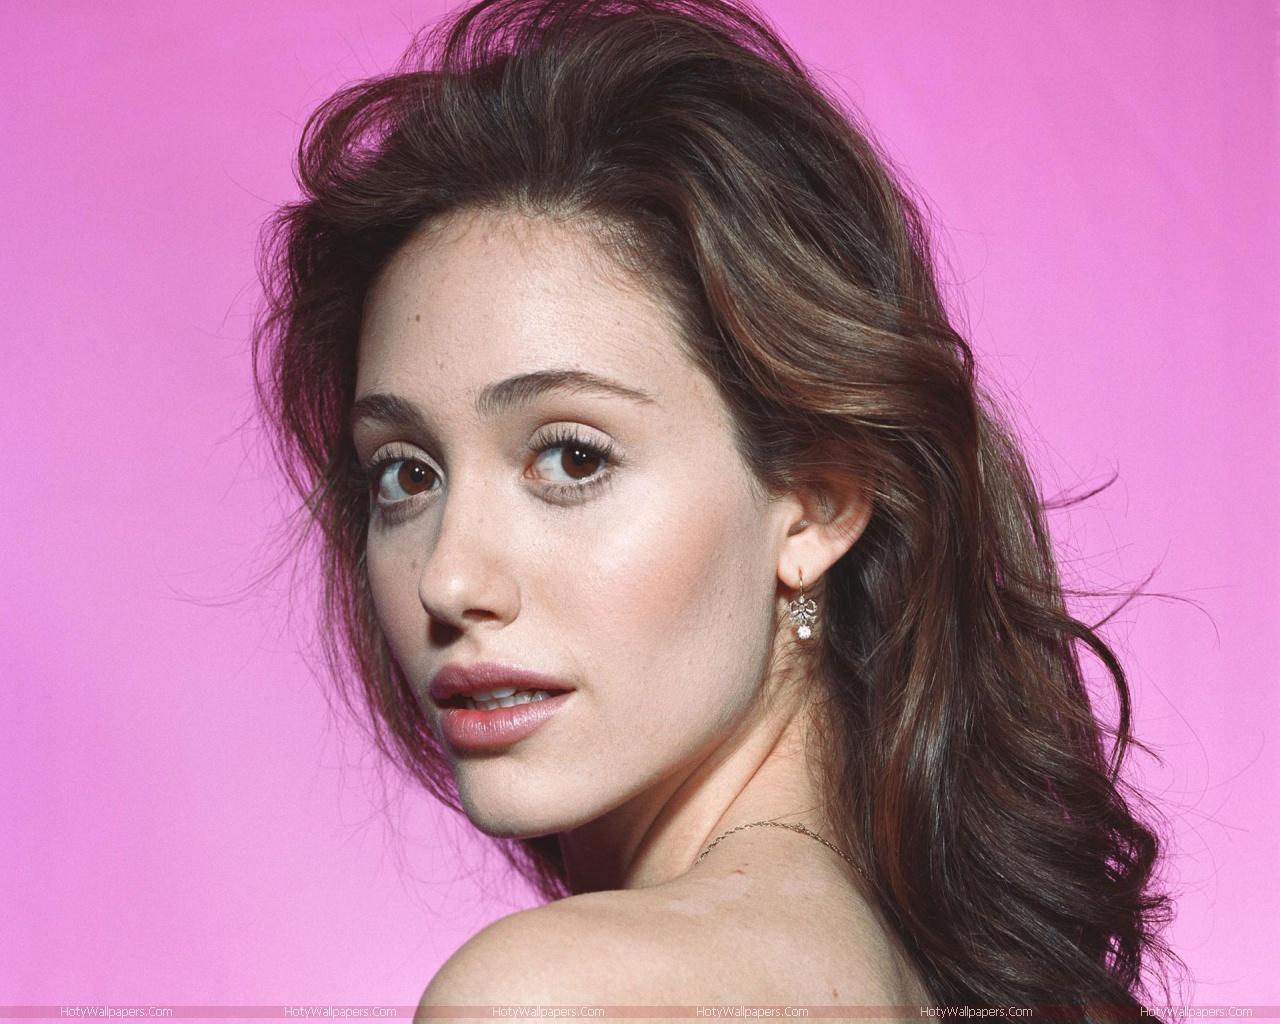 http://4.bp.blogspot.com/-2JteckiKvvk/TlZusagOWbI/AAAAAAAAJvY/LX0ToPmRF74/s1600/Emmy_Rossum_actress_wallpaper.jpg